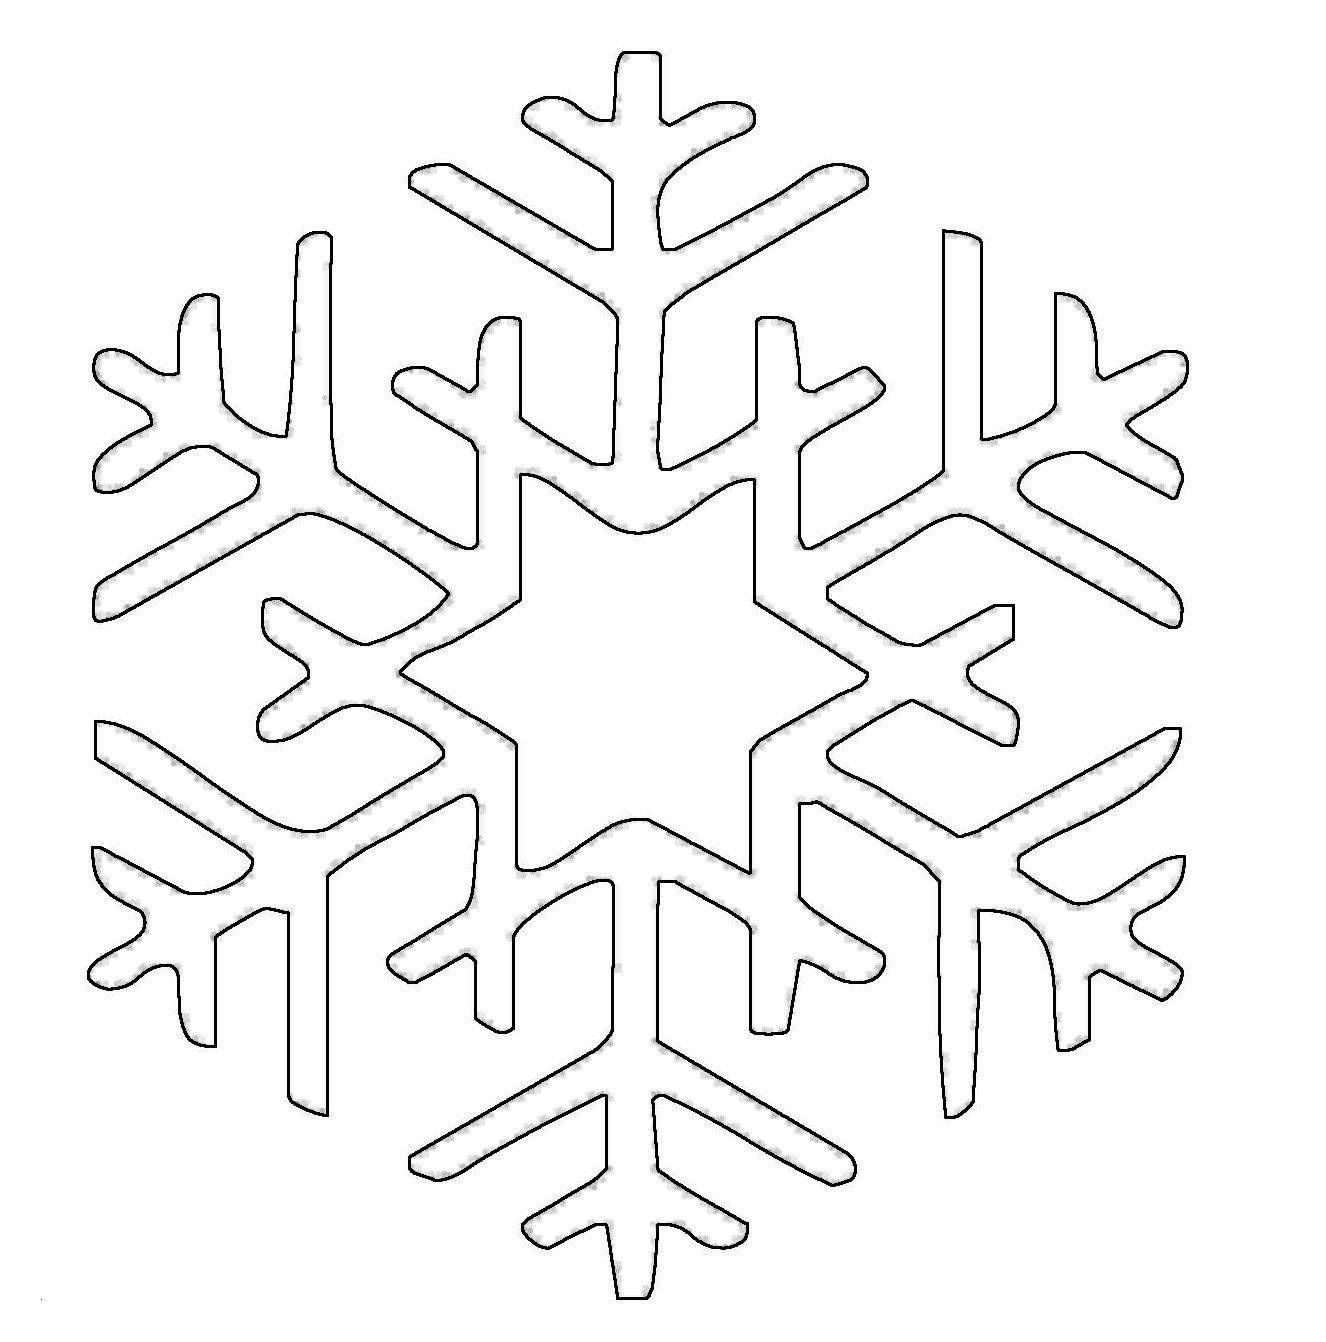 Ausmalbilder Weihnachten Schneeflocke Genial Ausmalbilder Schneeflocke Uploadertalk Neu Ausmalbilder Das Bild